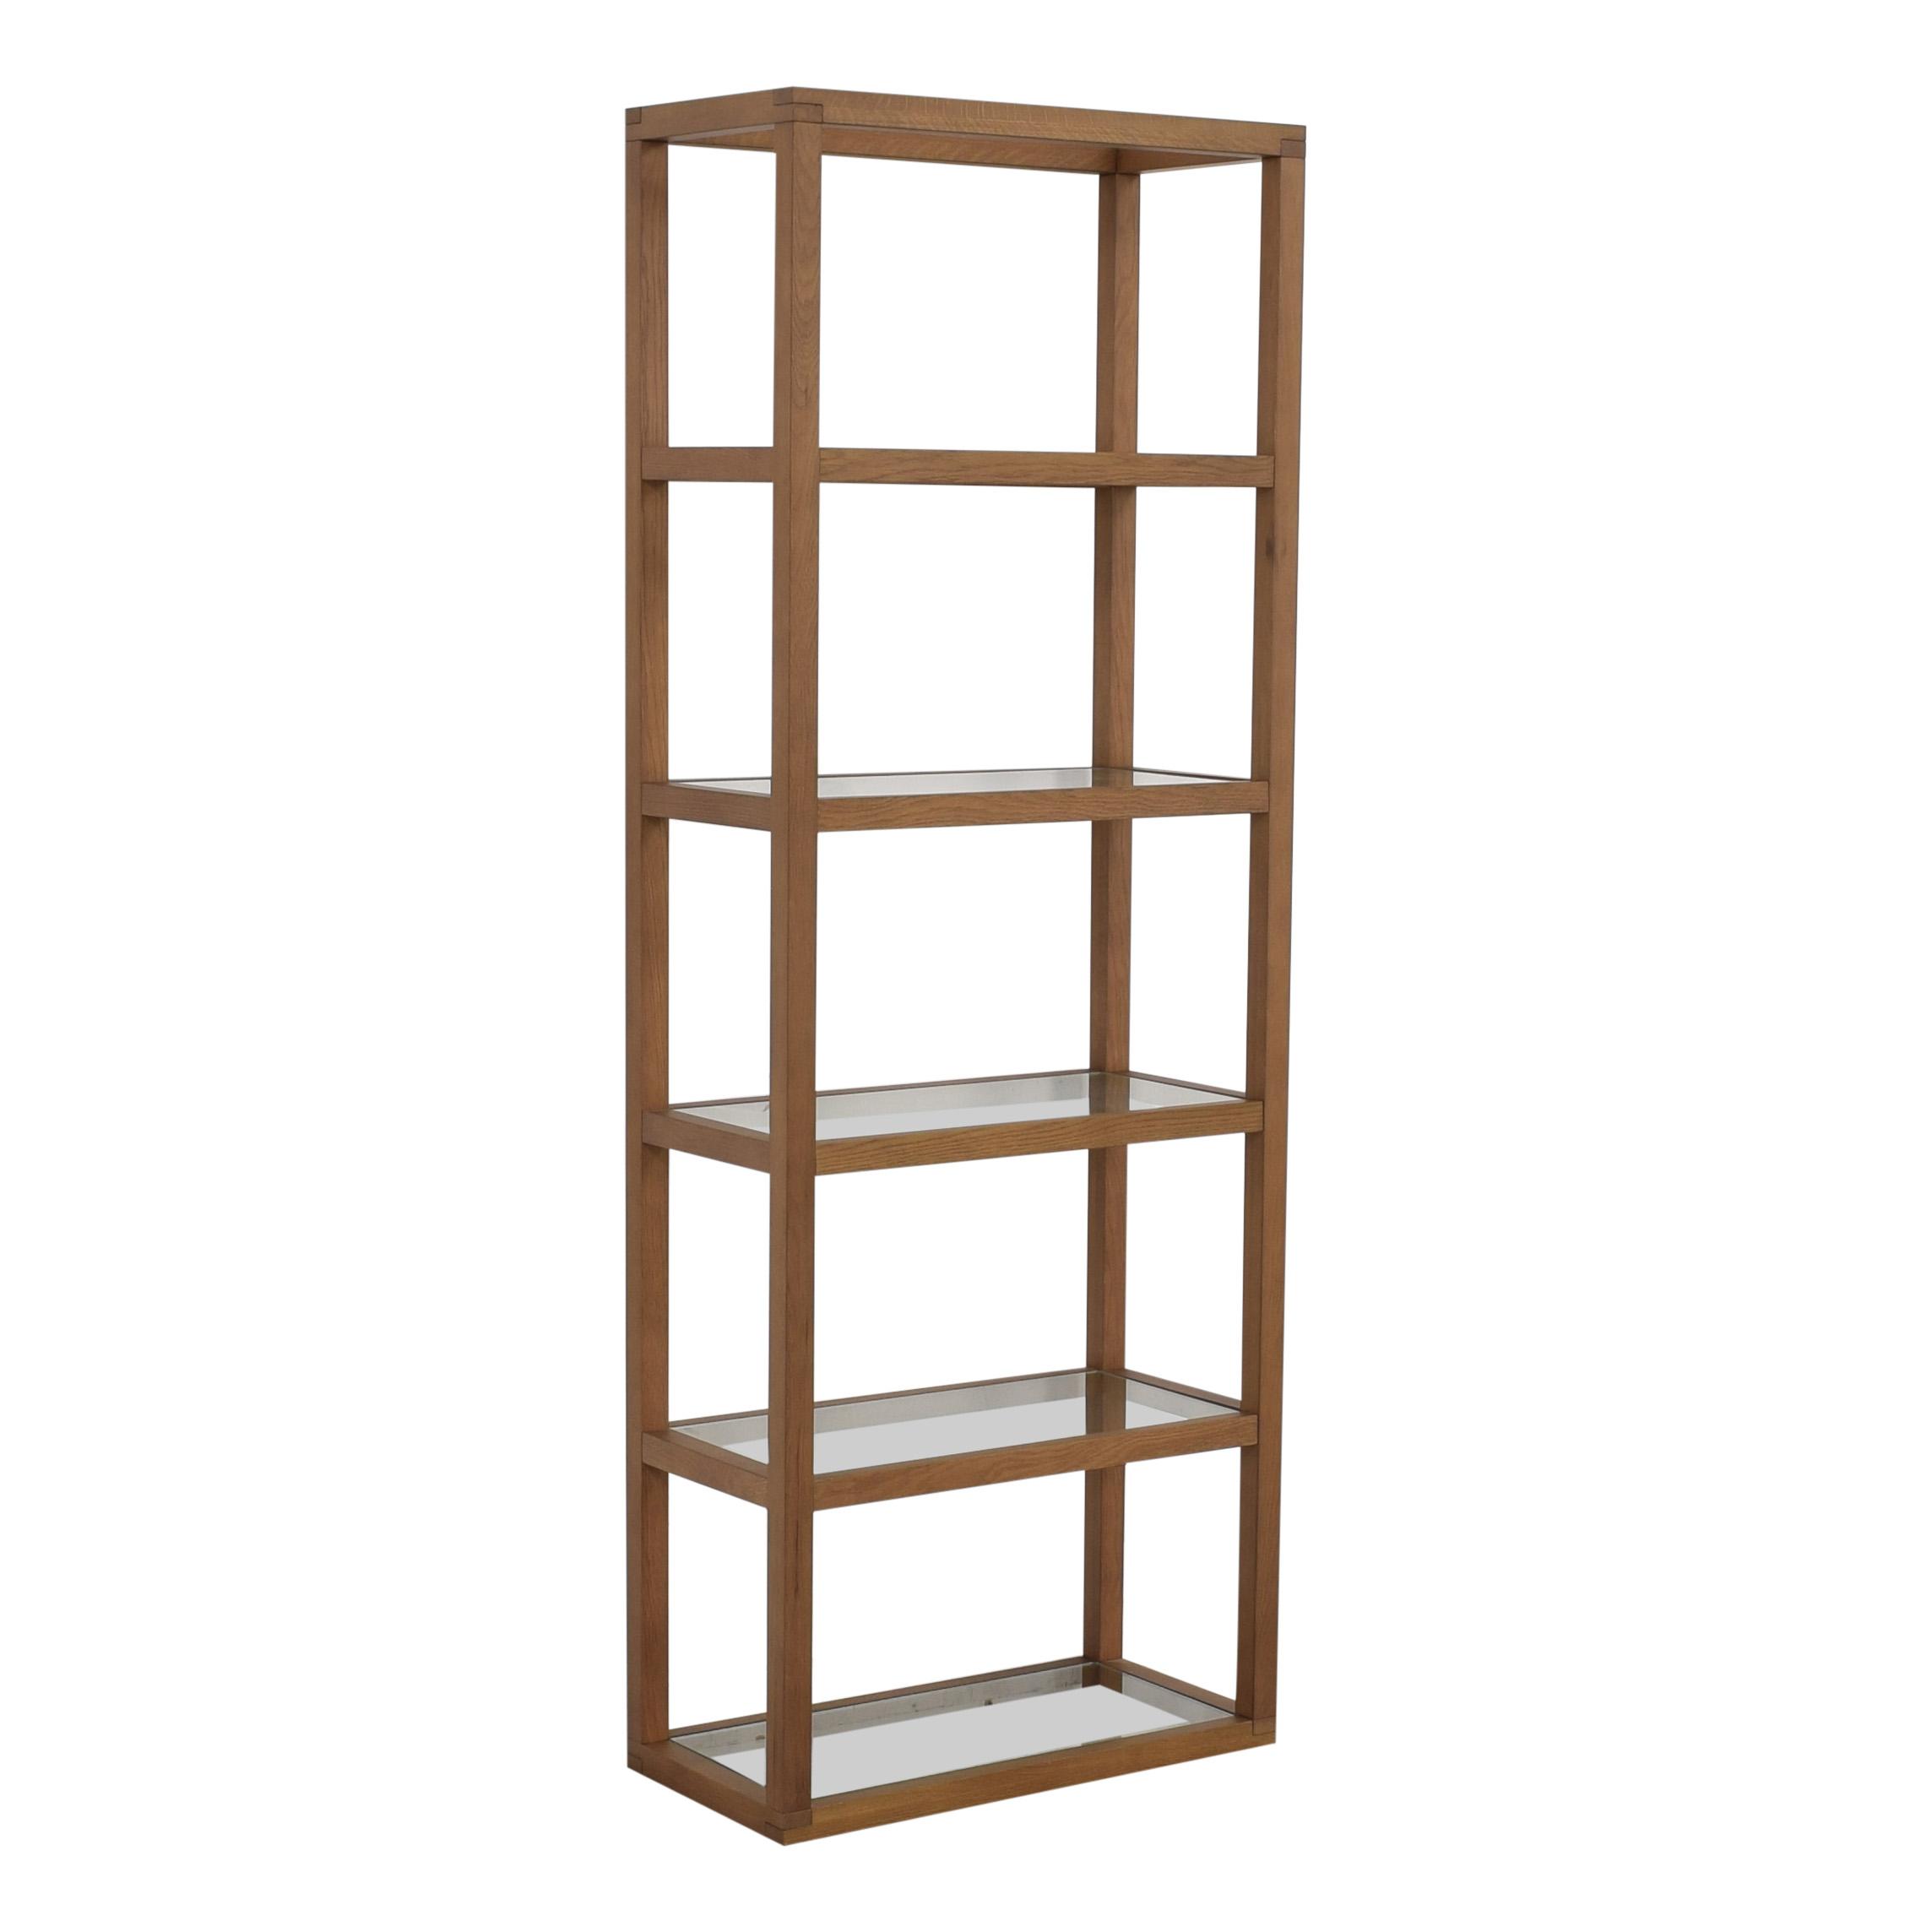 Crate & Barrel Crate & Barrel Anderson Bookcase ct